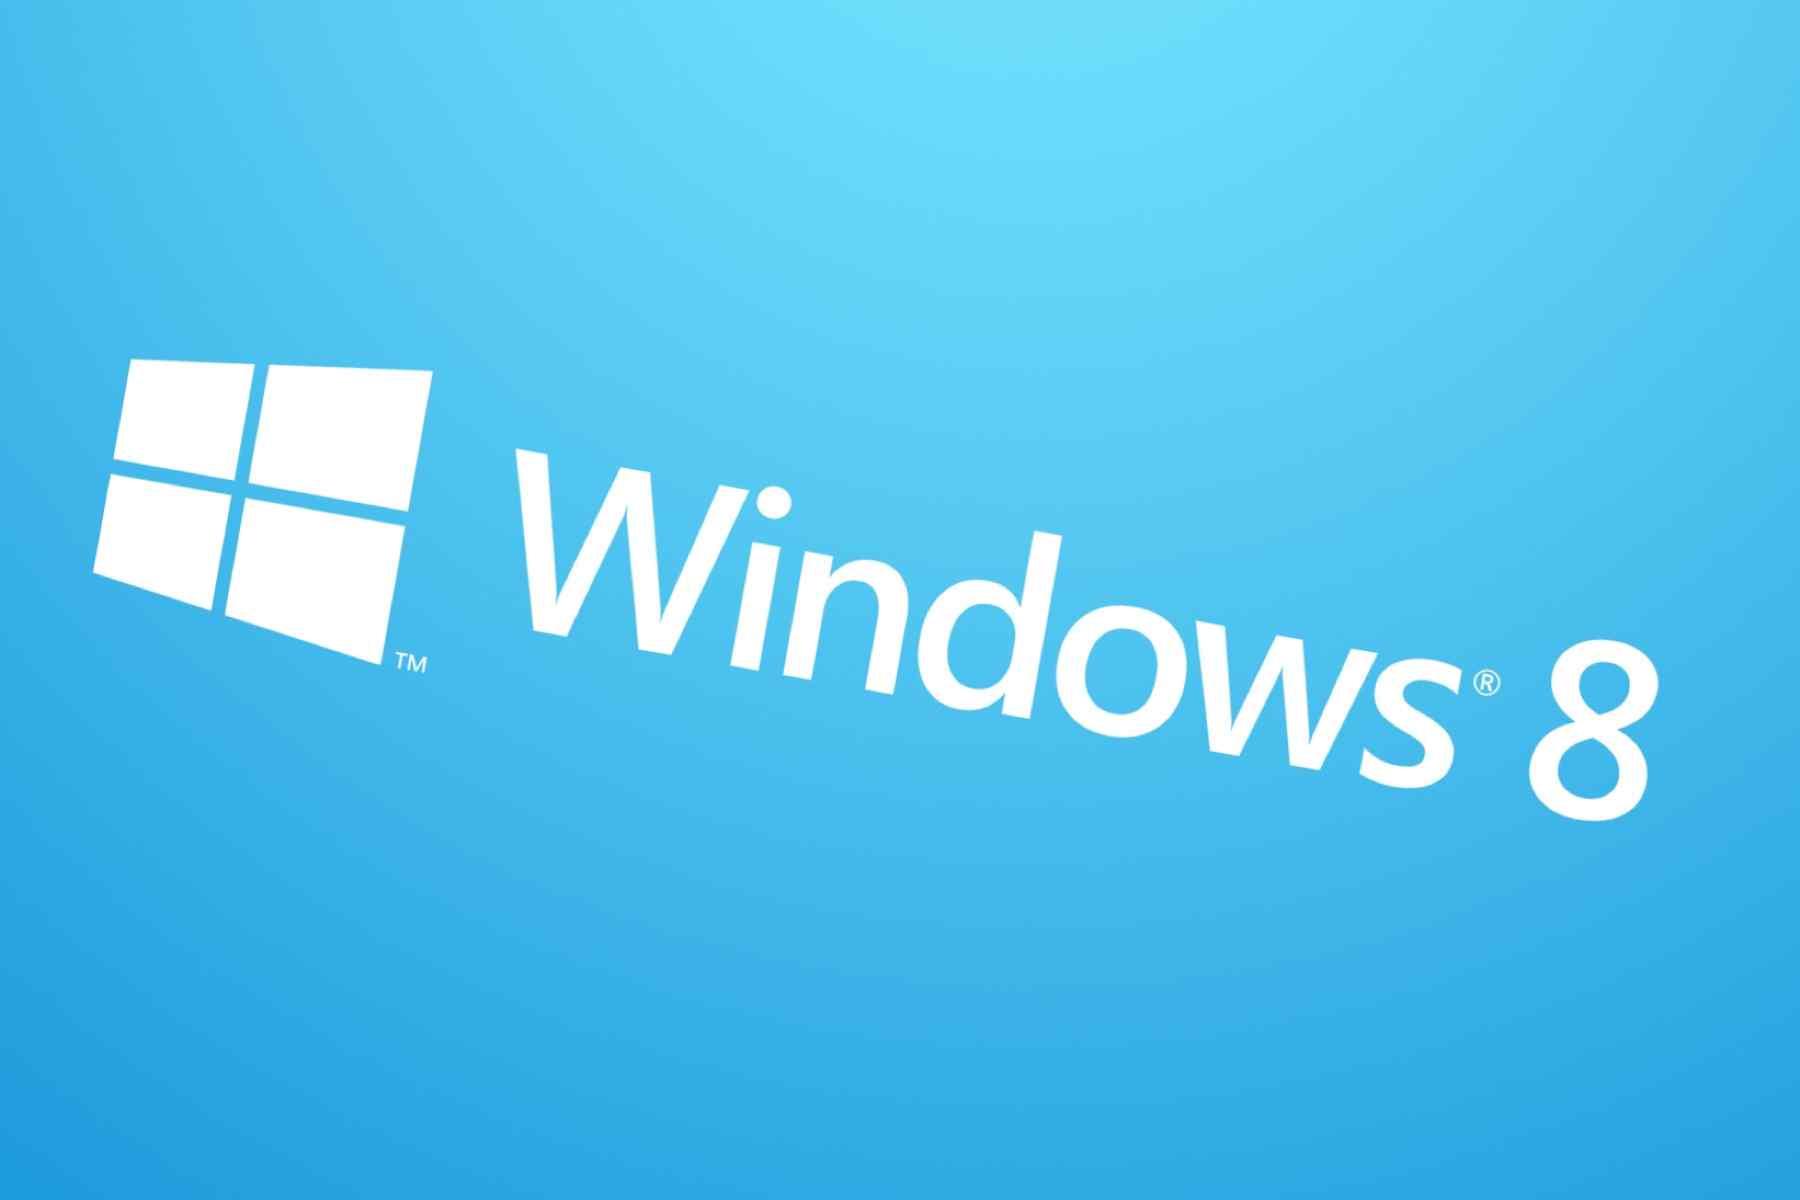 Microsoft ставит крест на дальнейшем развитии Windows 8